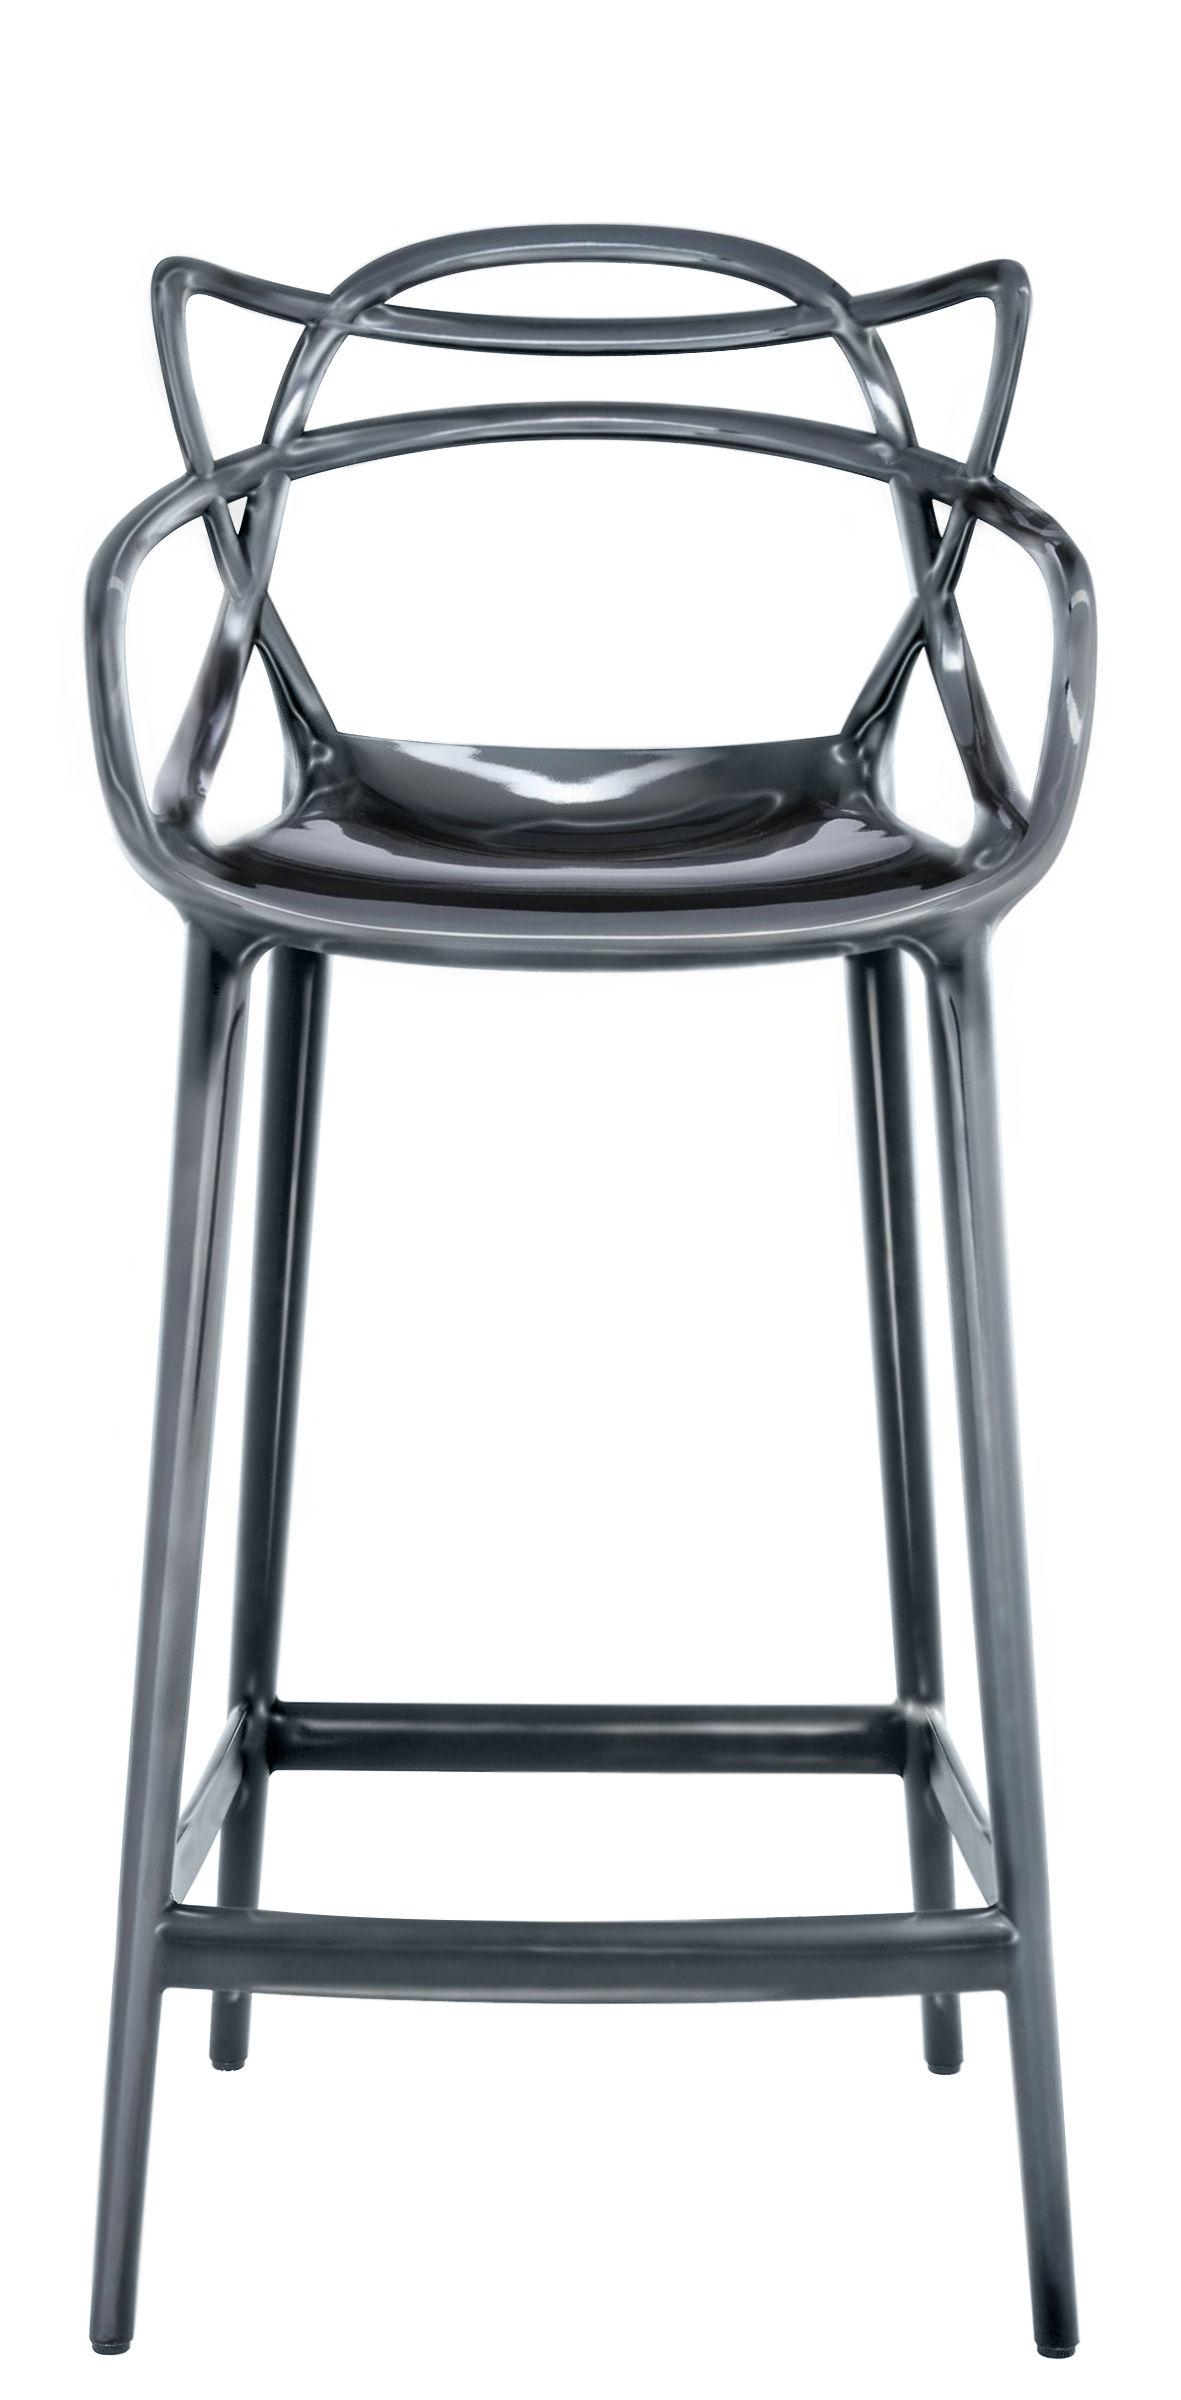 Möbel - Barhocker - Masters Hochstuhl / H 65 cm - metallic - Kartell - für Haus und Garten - Polypropylen, metallisiert